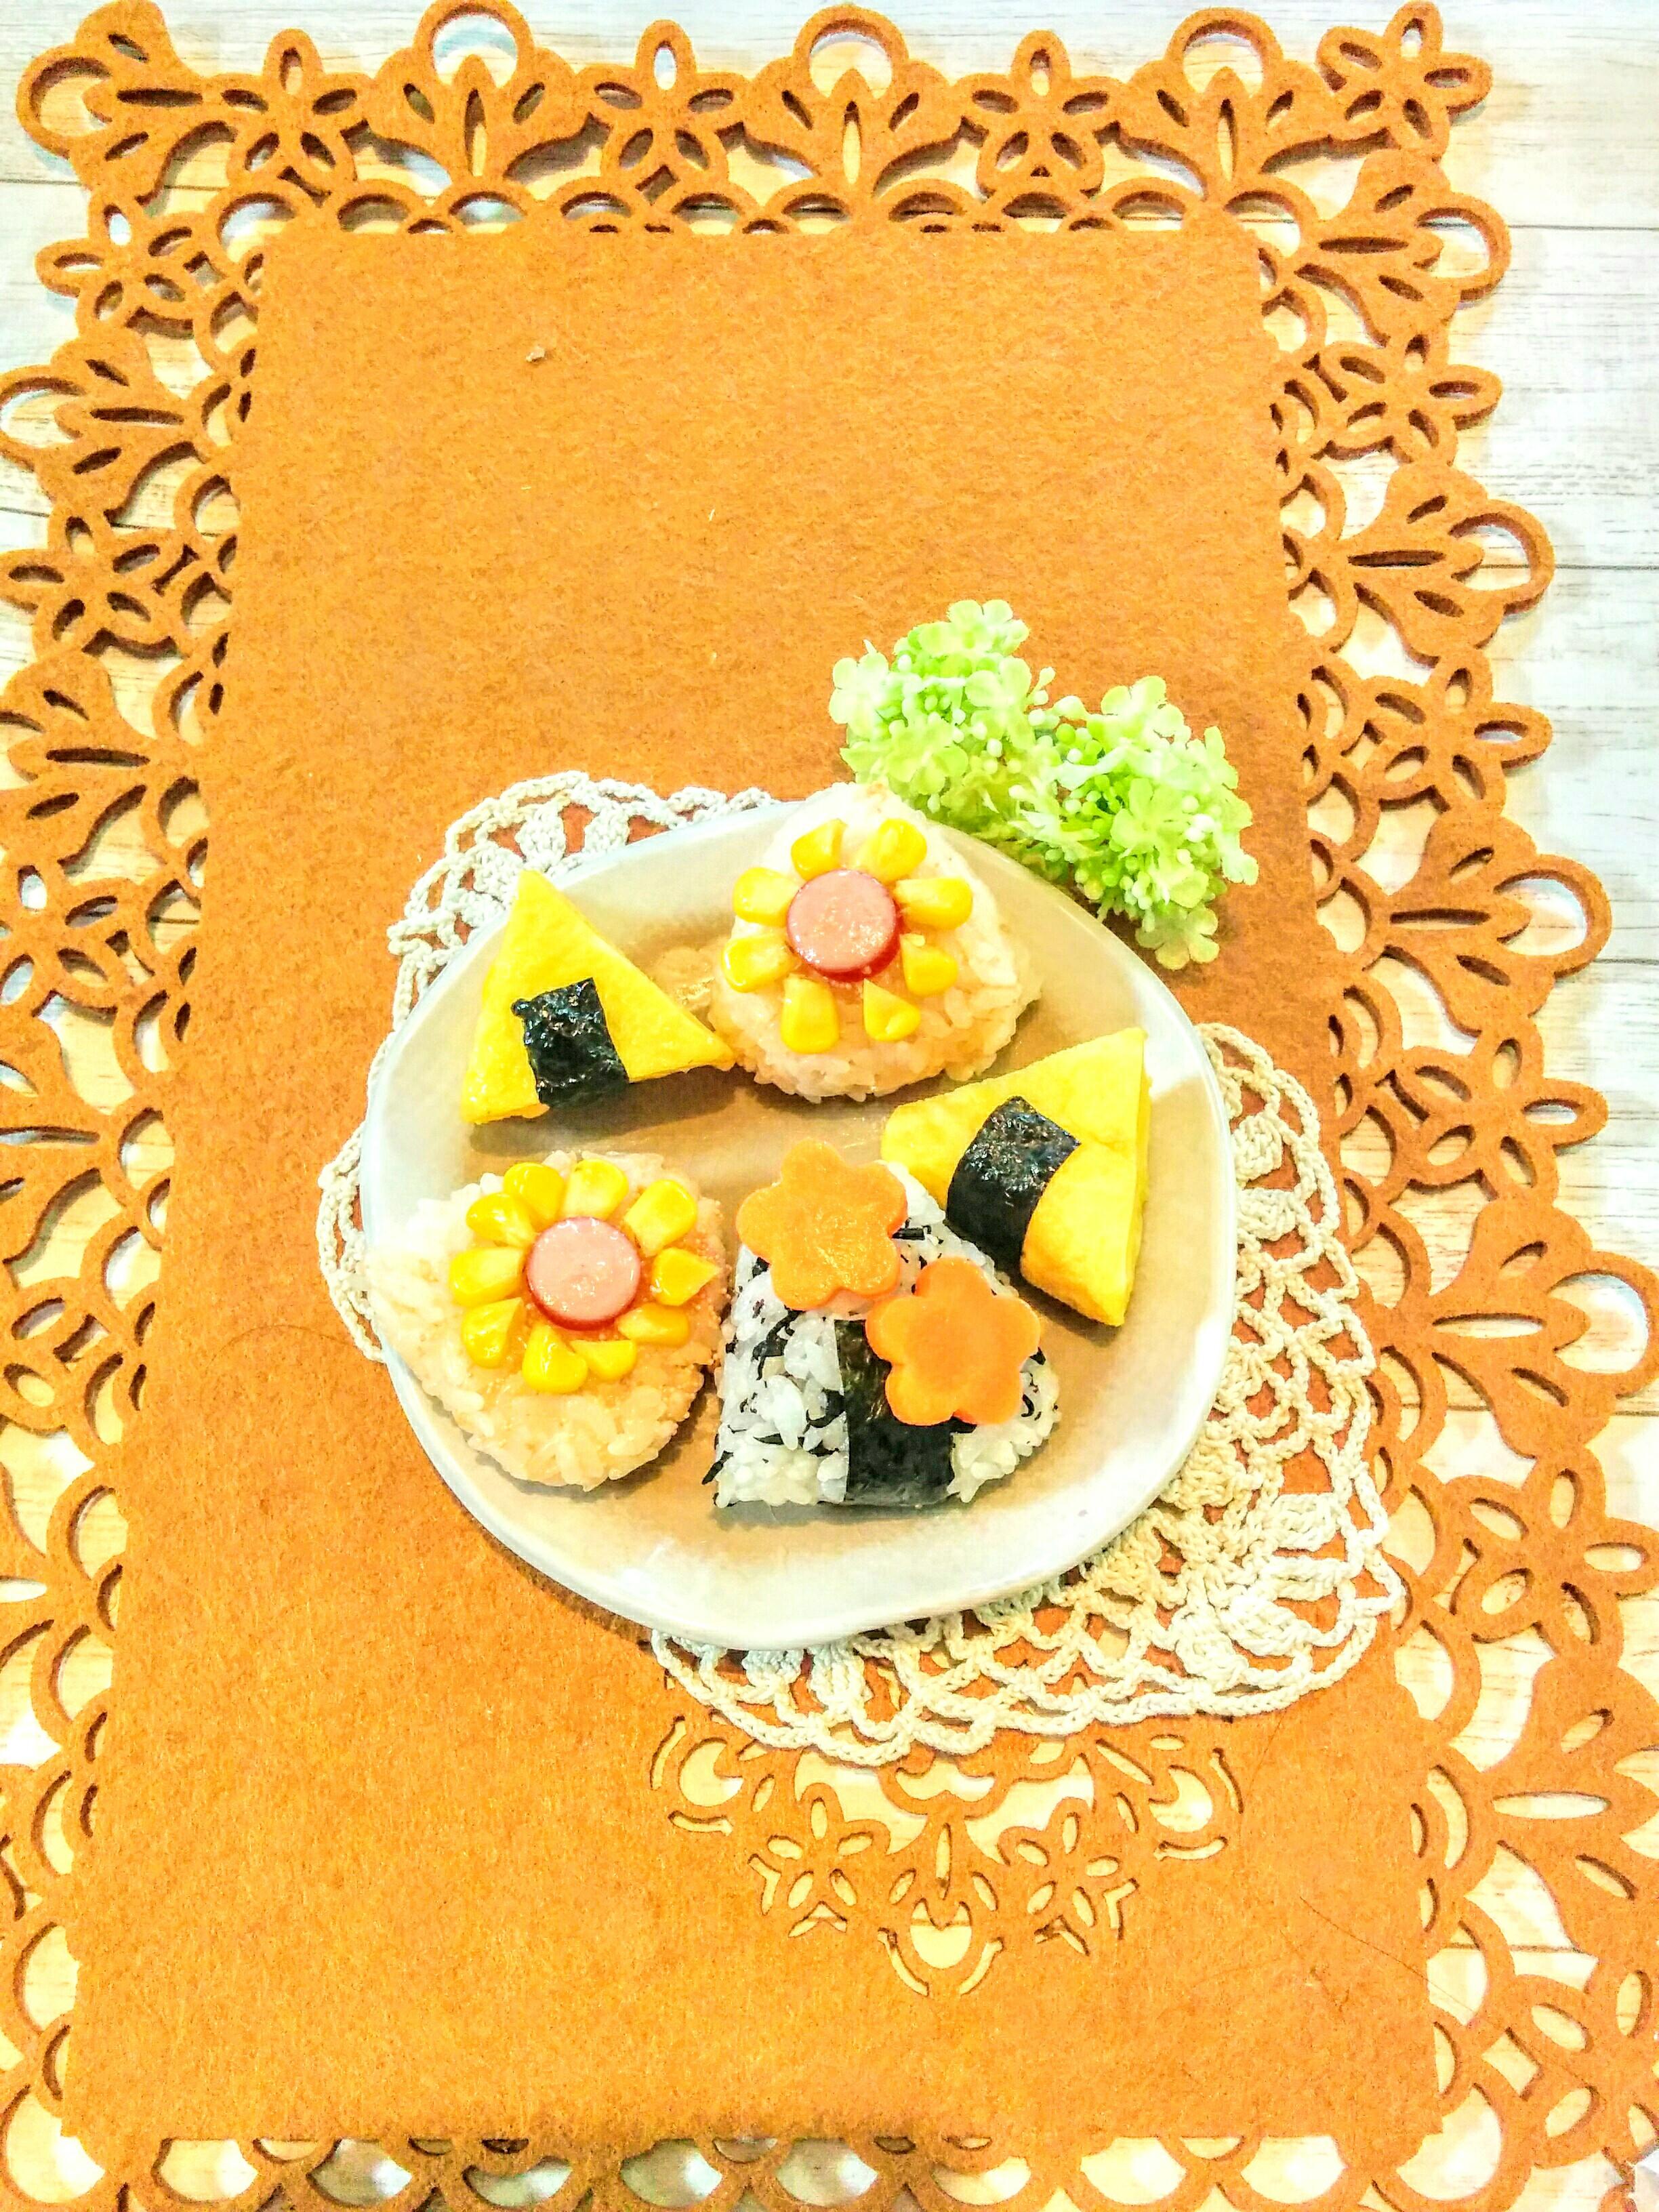 【小樽】娘の今日のお弁当・ミニお握り弁当グルメ案内です。